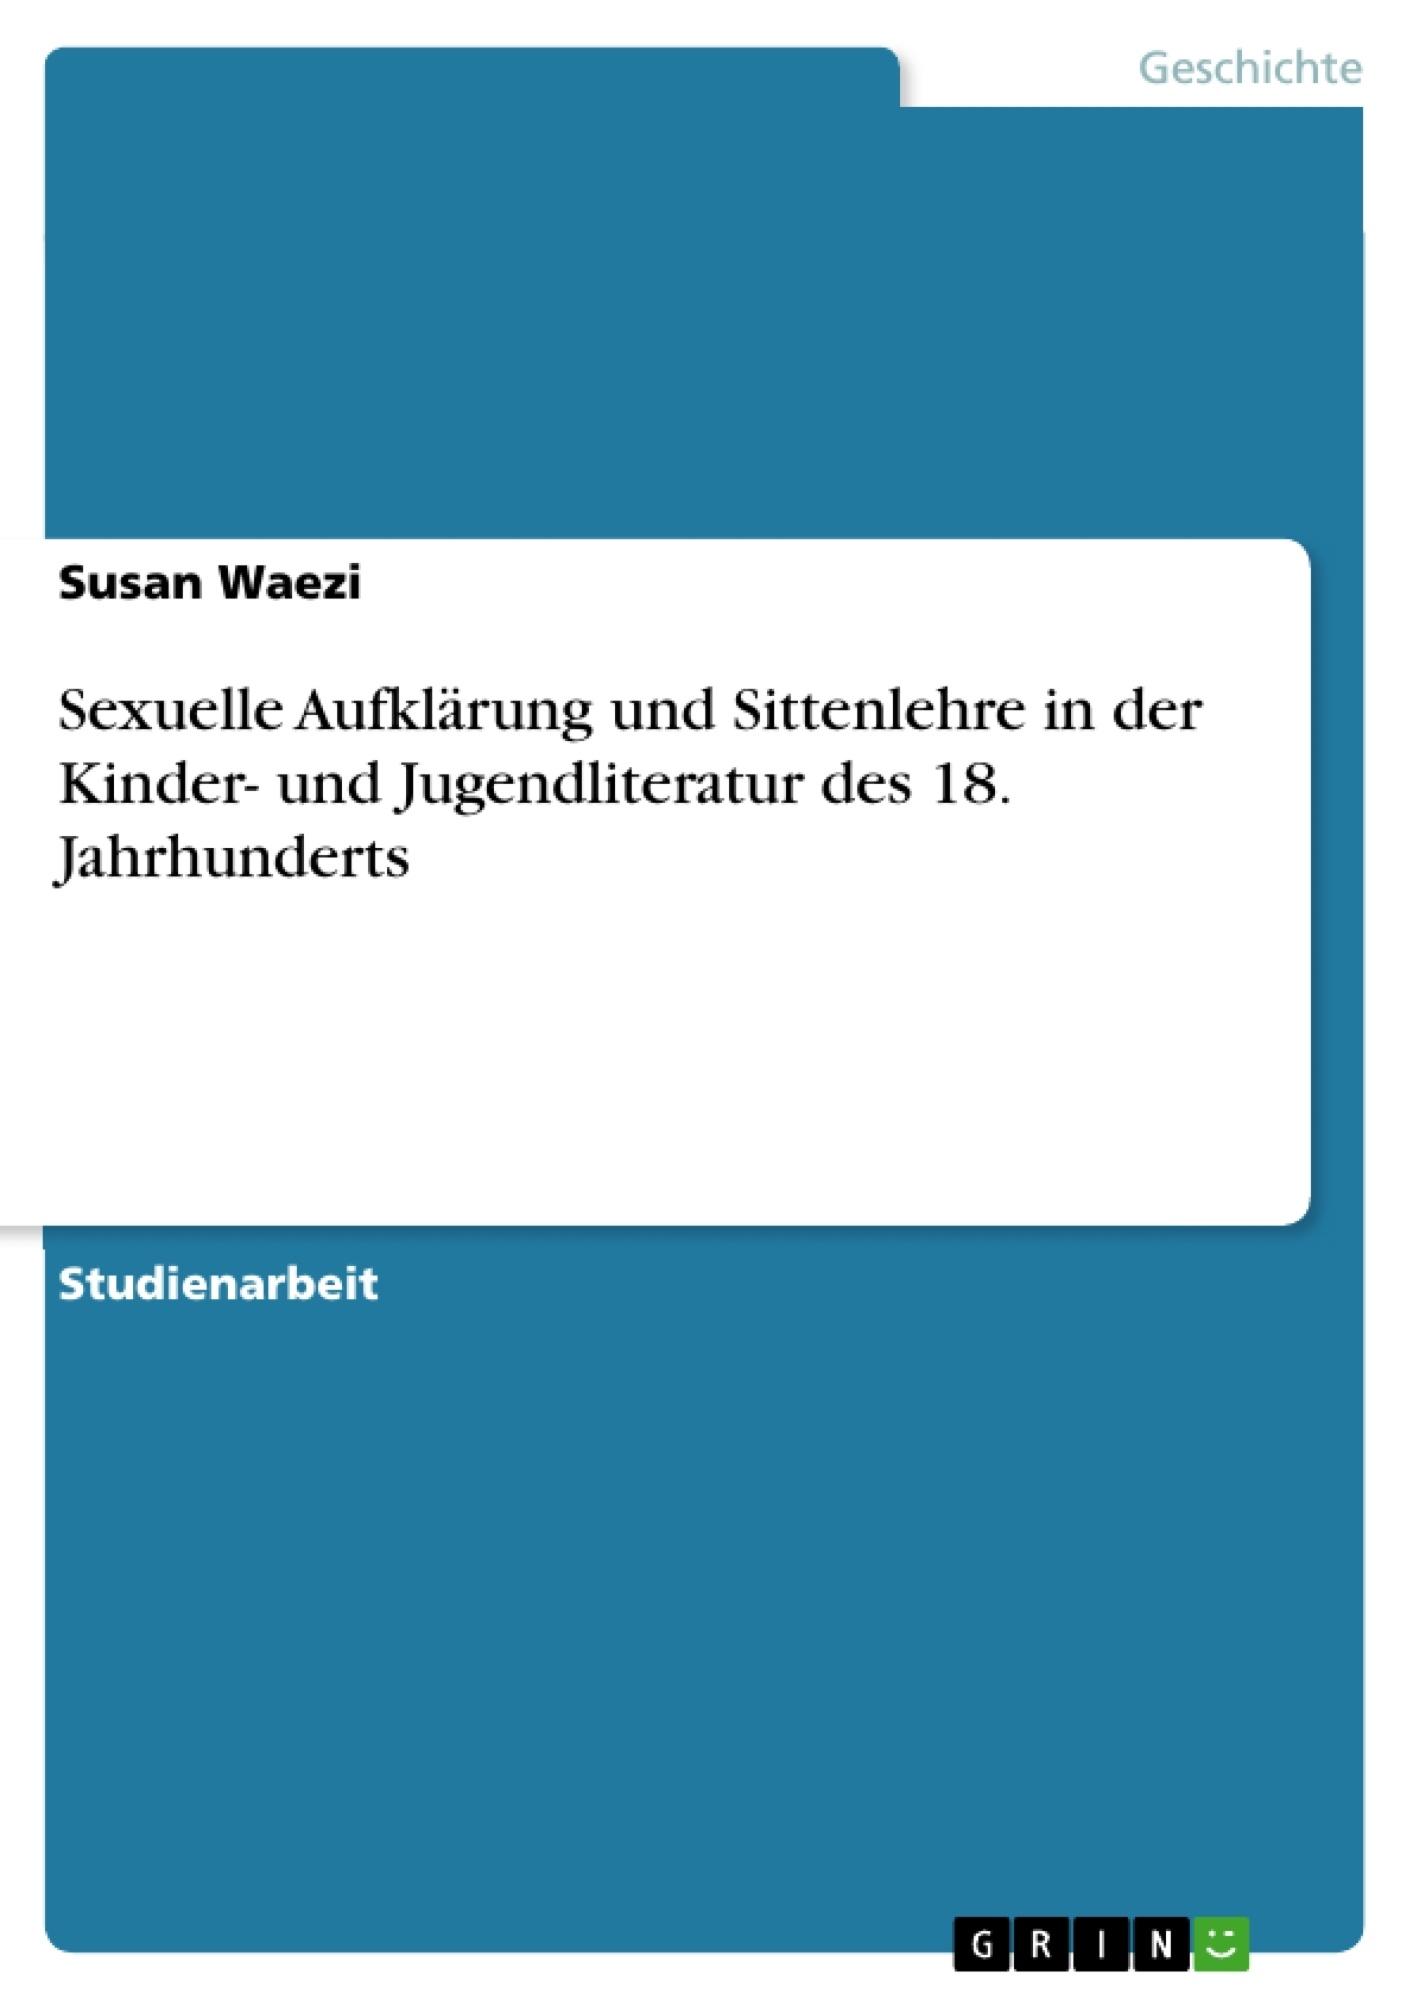 Titel: Sexuelle Aufklärung und Sittenlehre in der Kinder- und Jugendliteratur des 18. Jahrhunderts